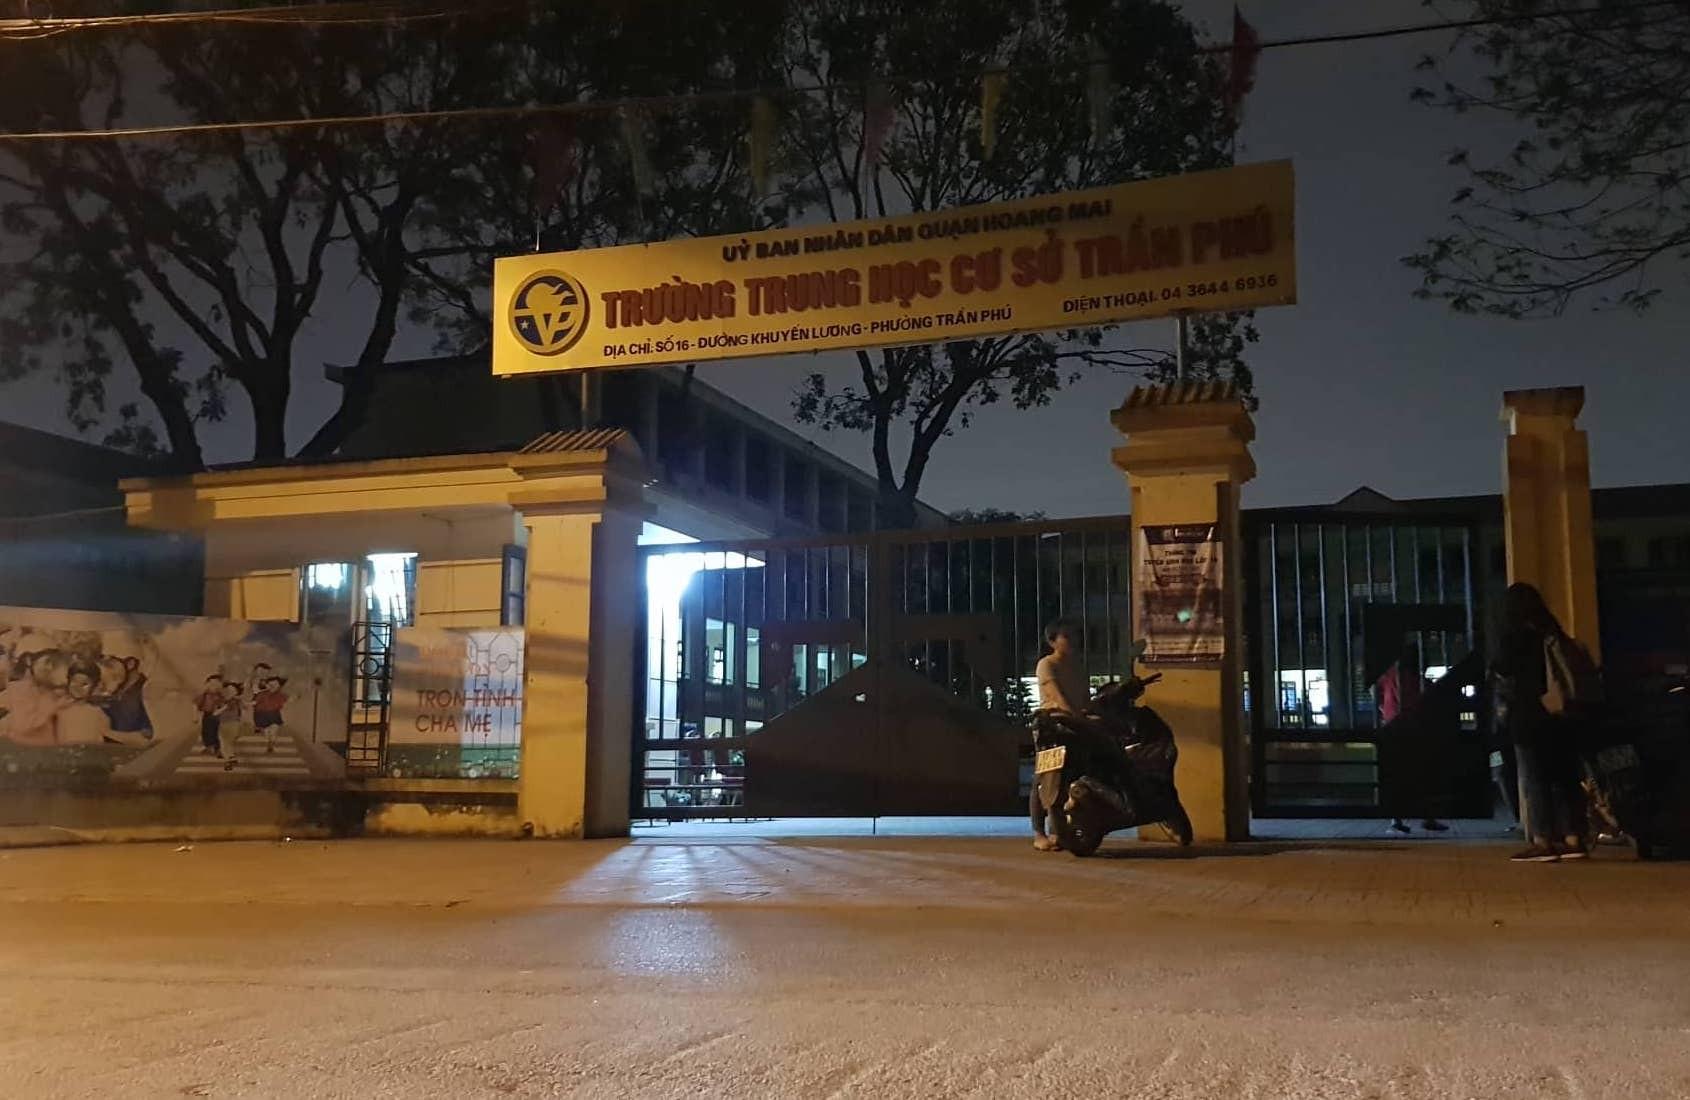 """Thầy giáo bị tố dâm ô nhiều nam sinh ở Hà Nội """"nhận là chỉ xoa đầu, khen ngợi các em""""? - Ảnh 1"""